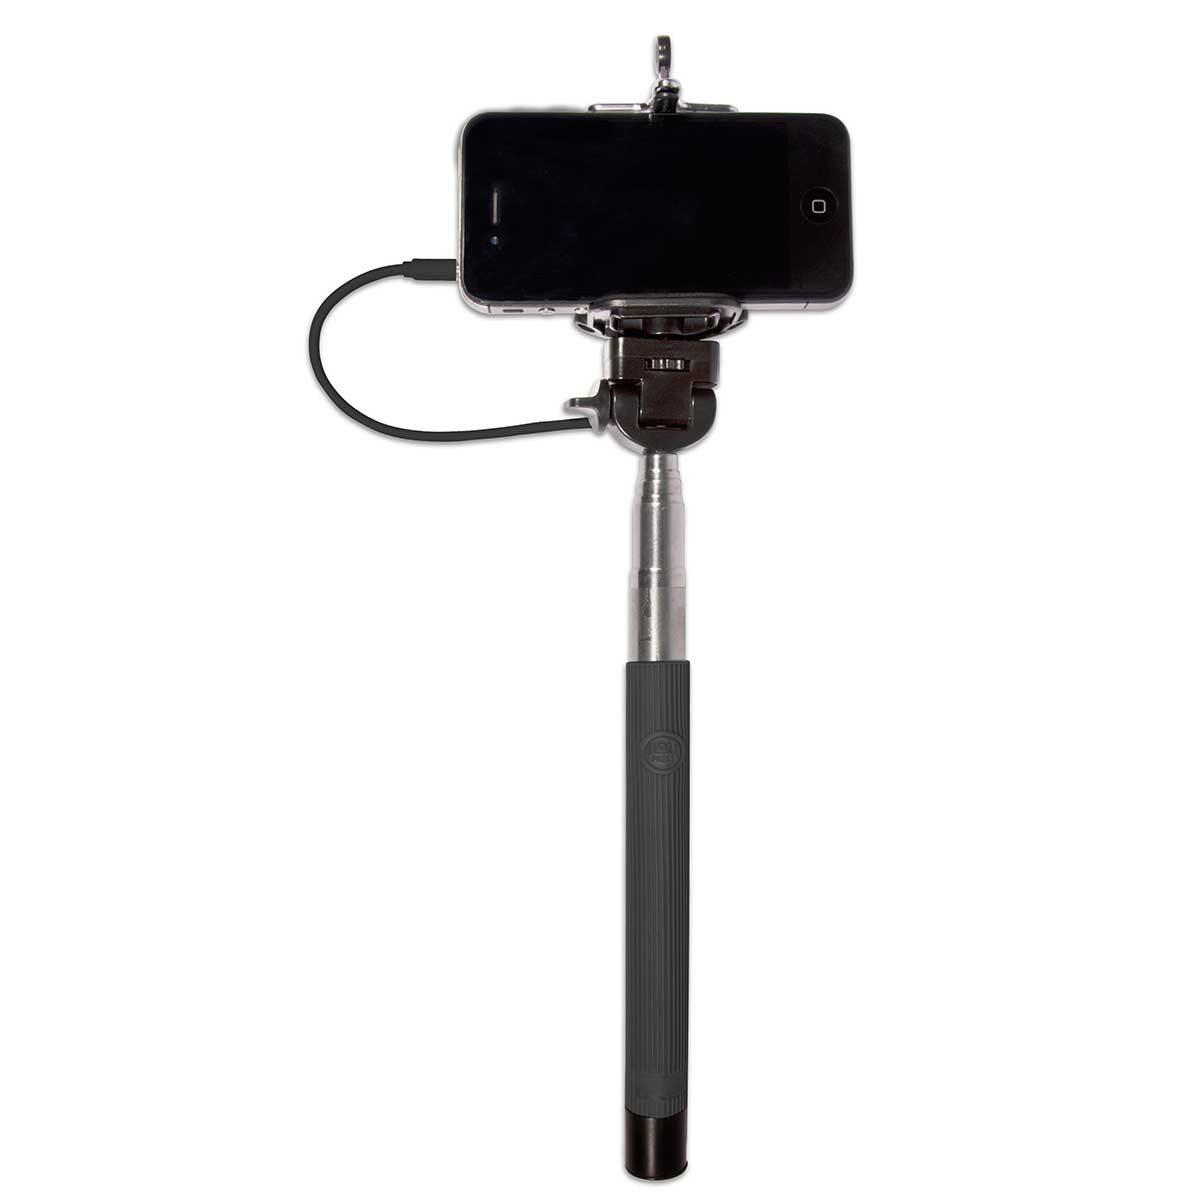 Teleskopstange fürs Selfie